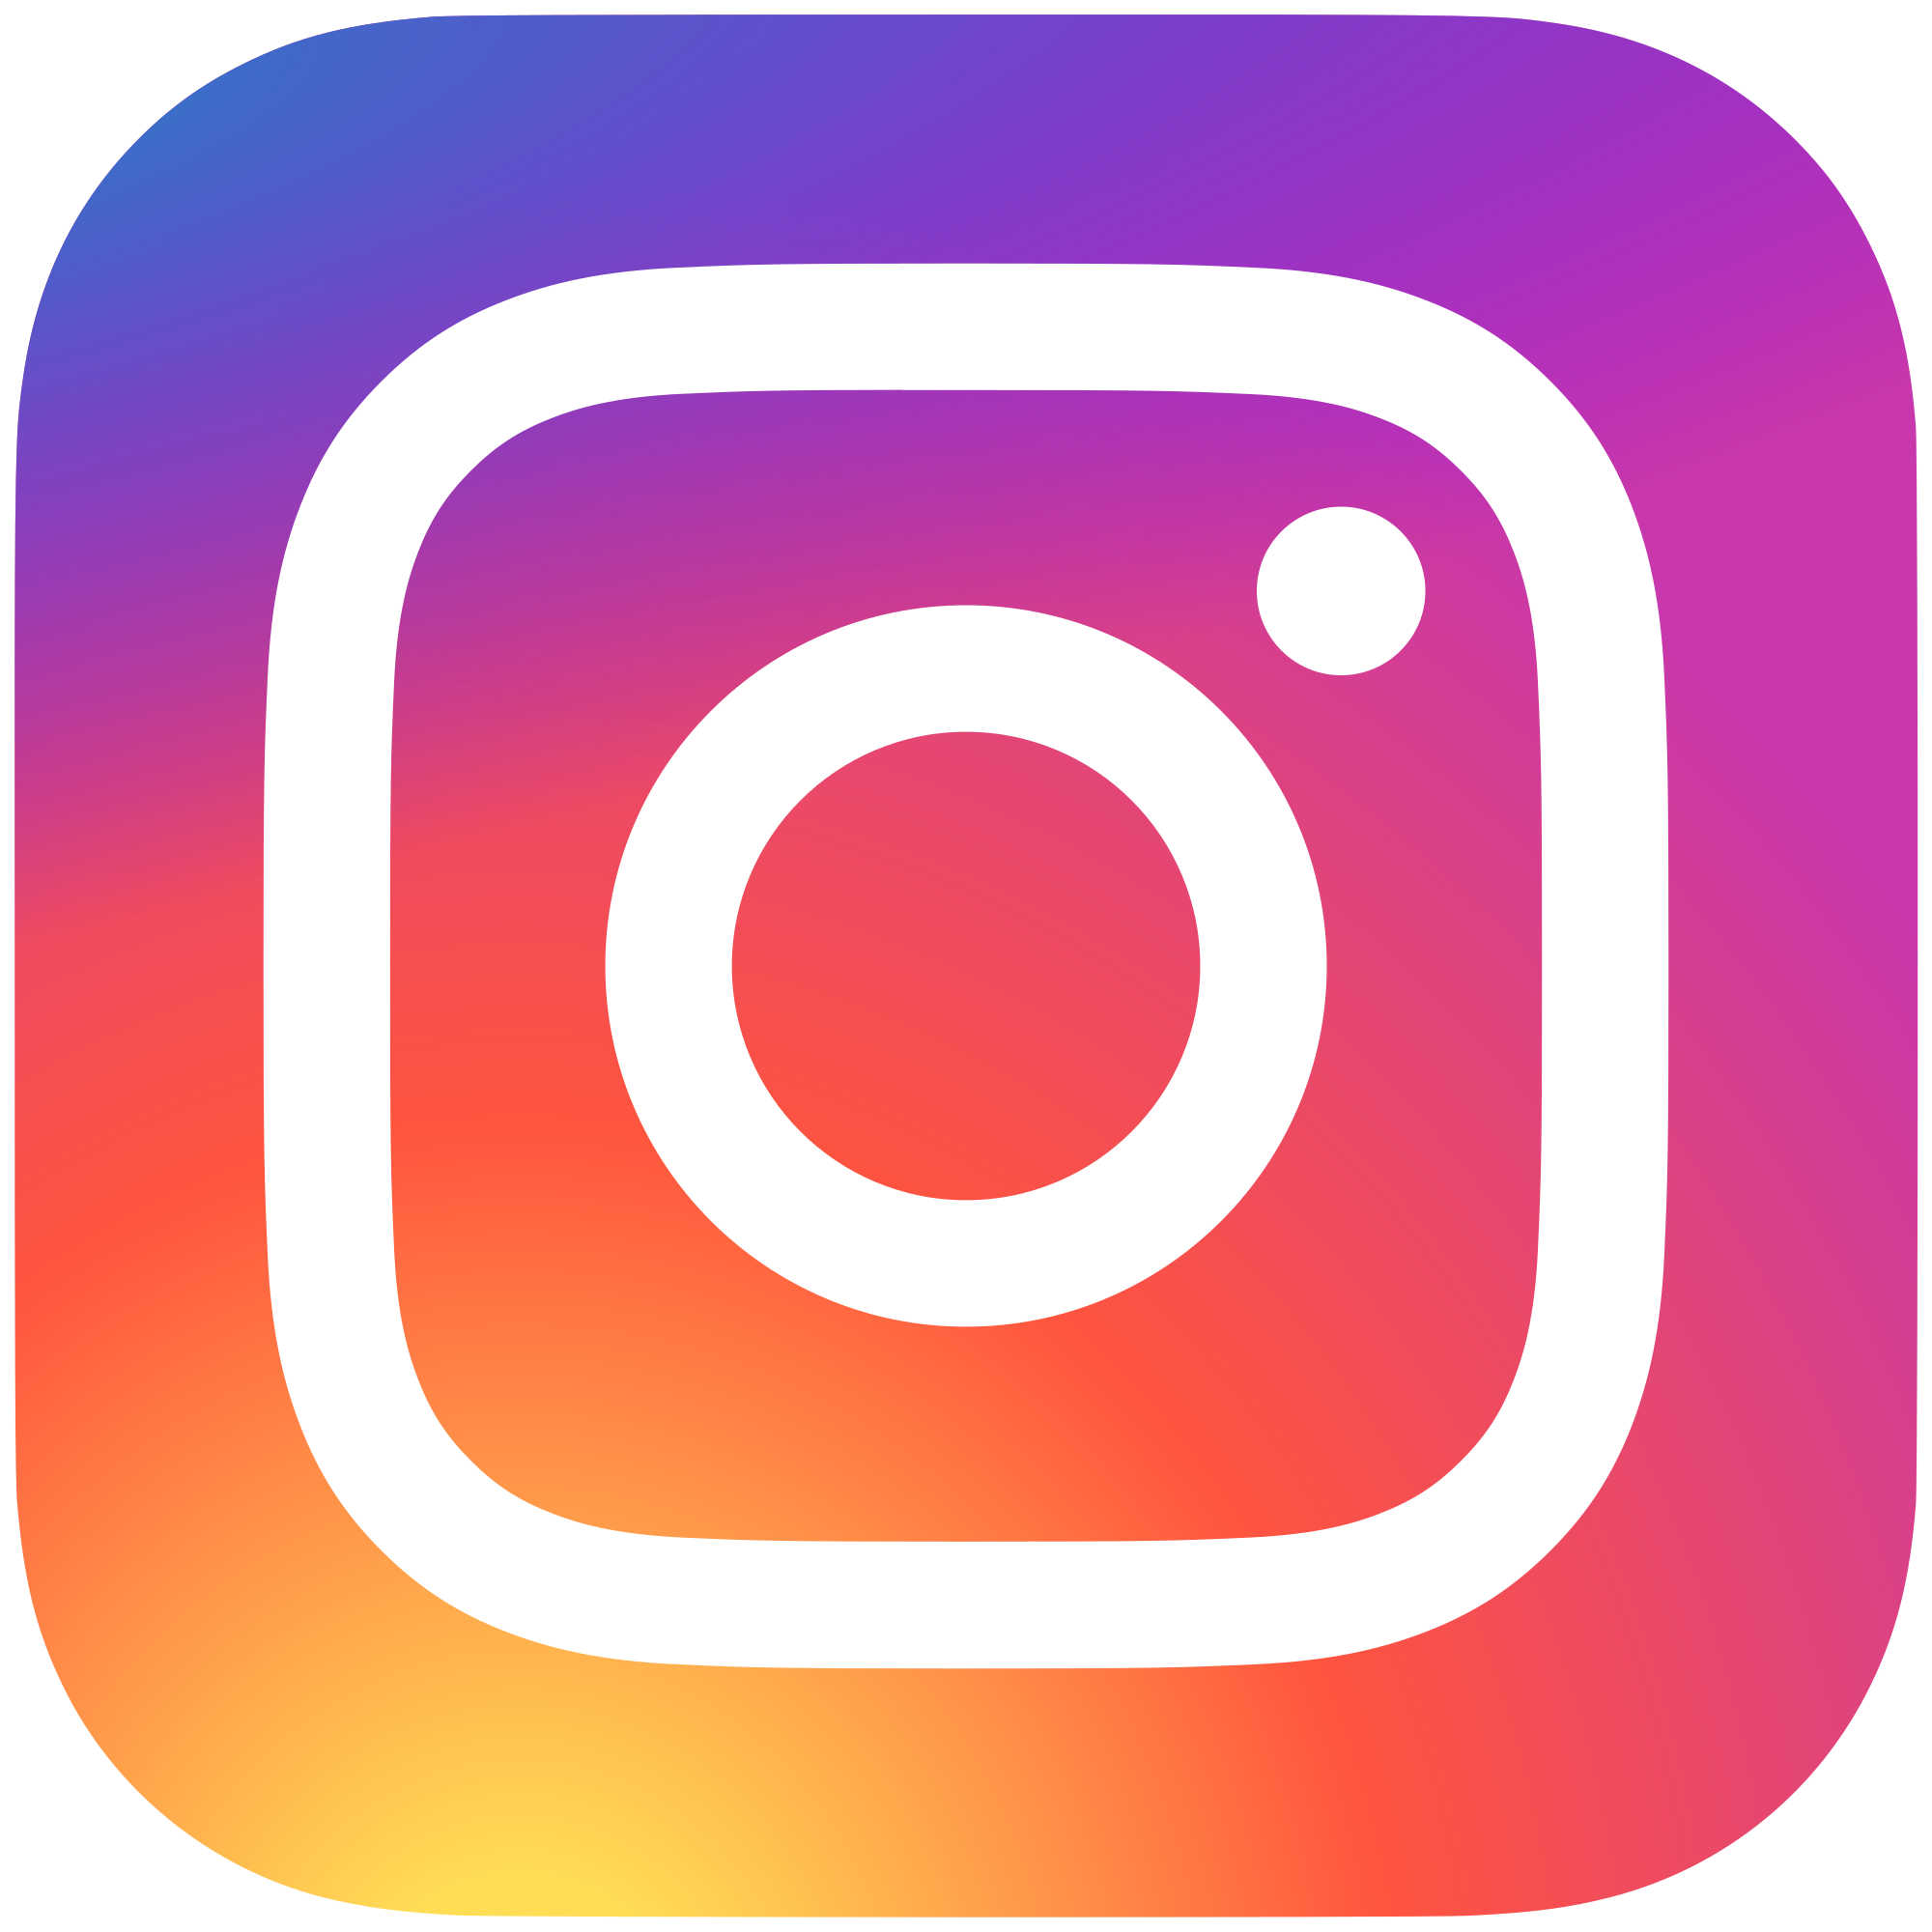 2000px-Instagram_logo_2016